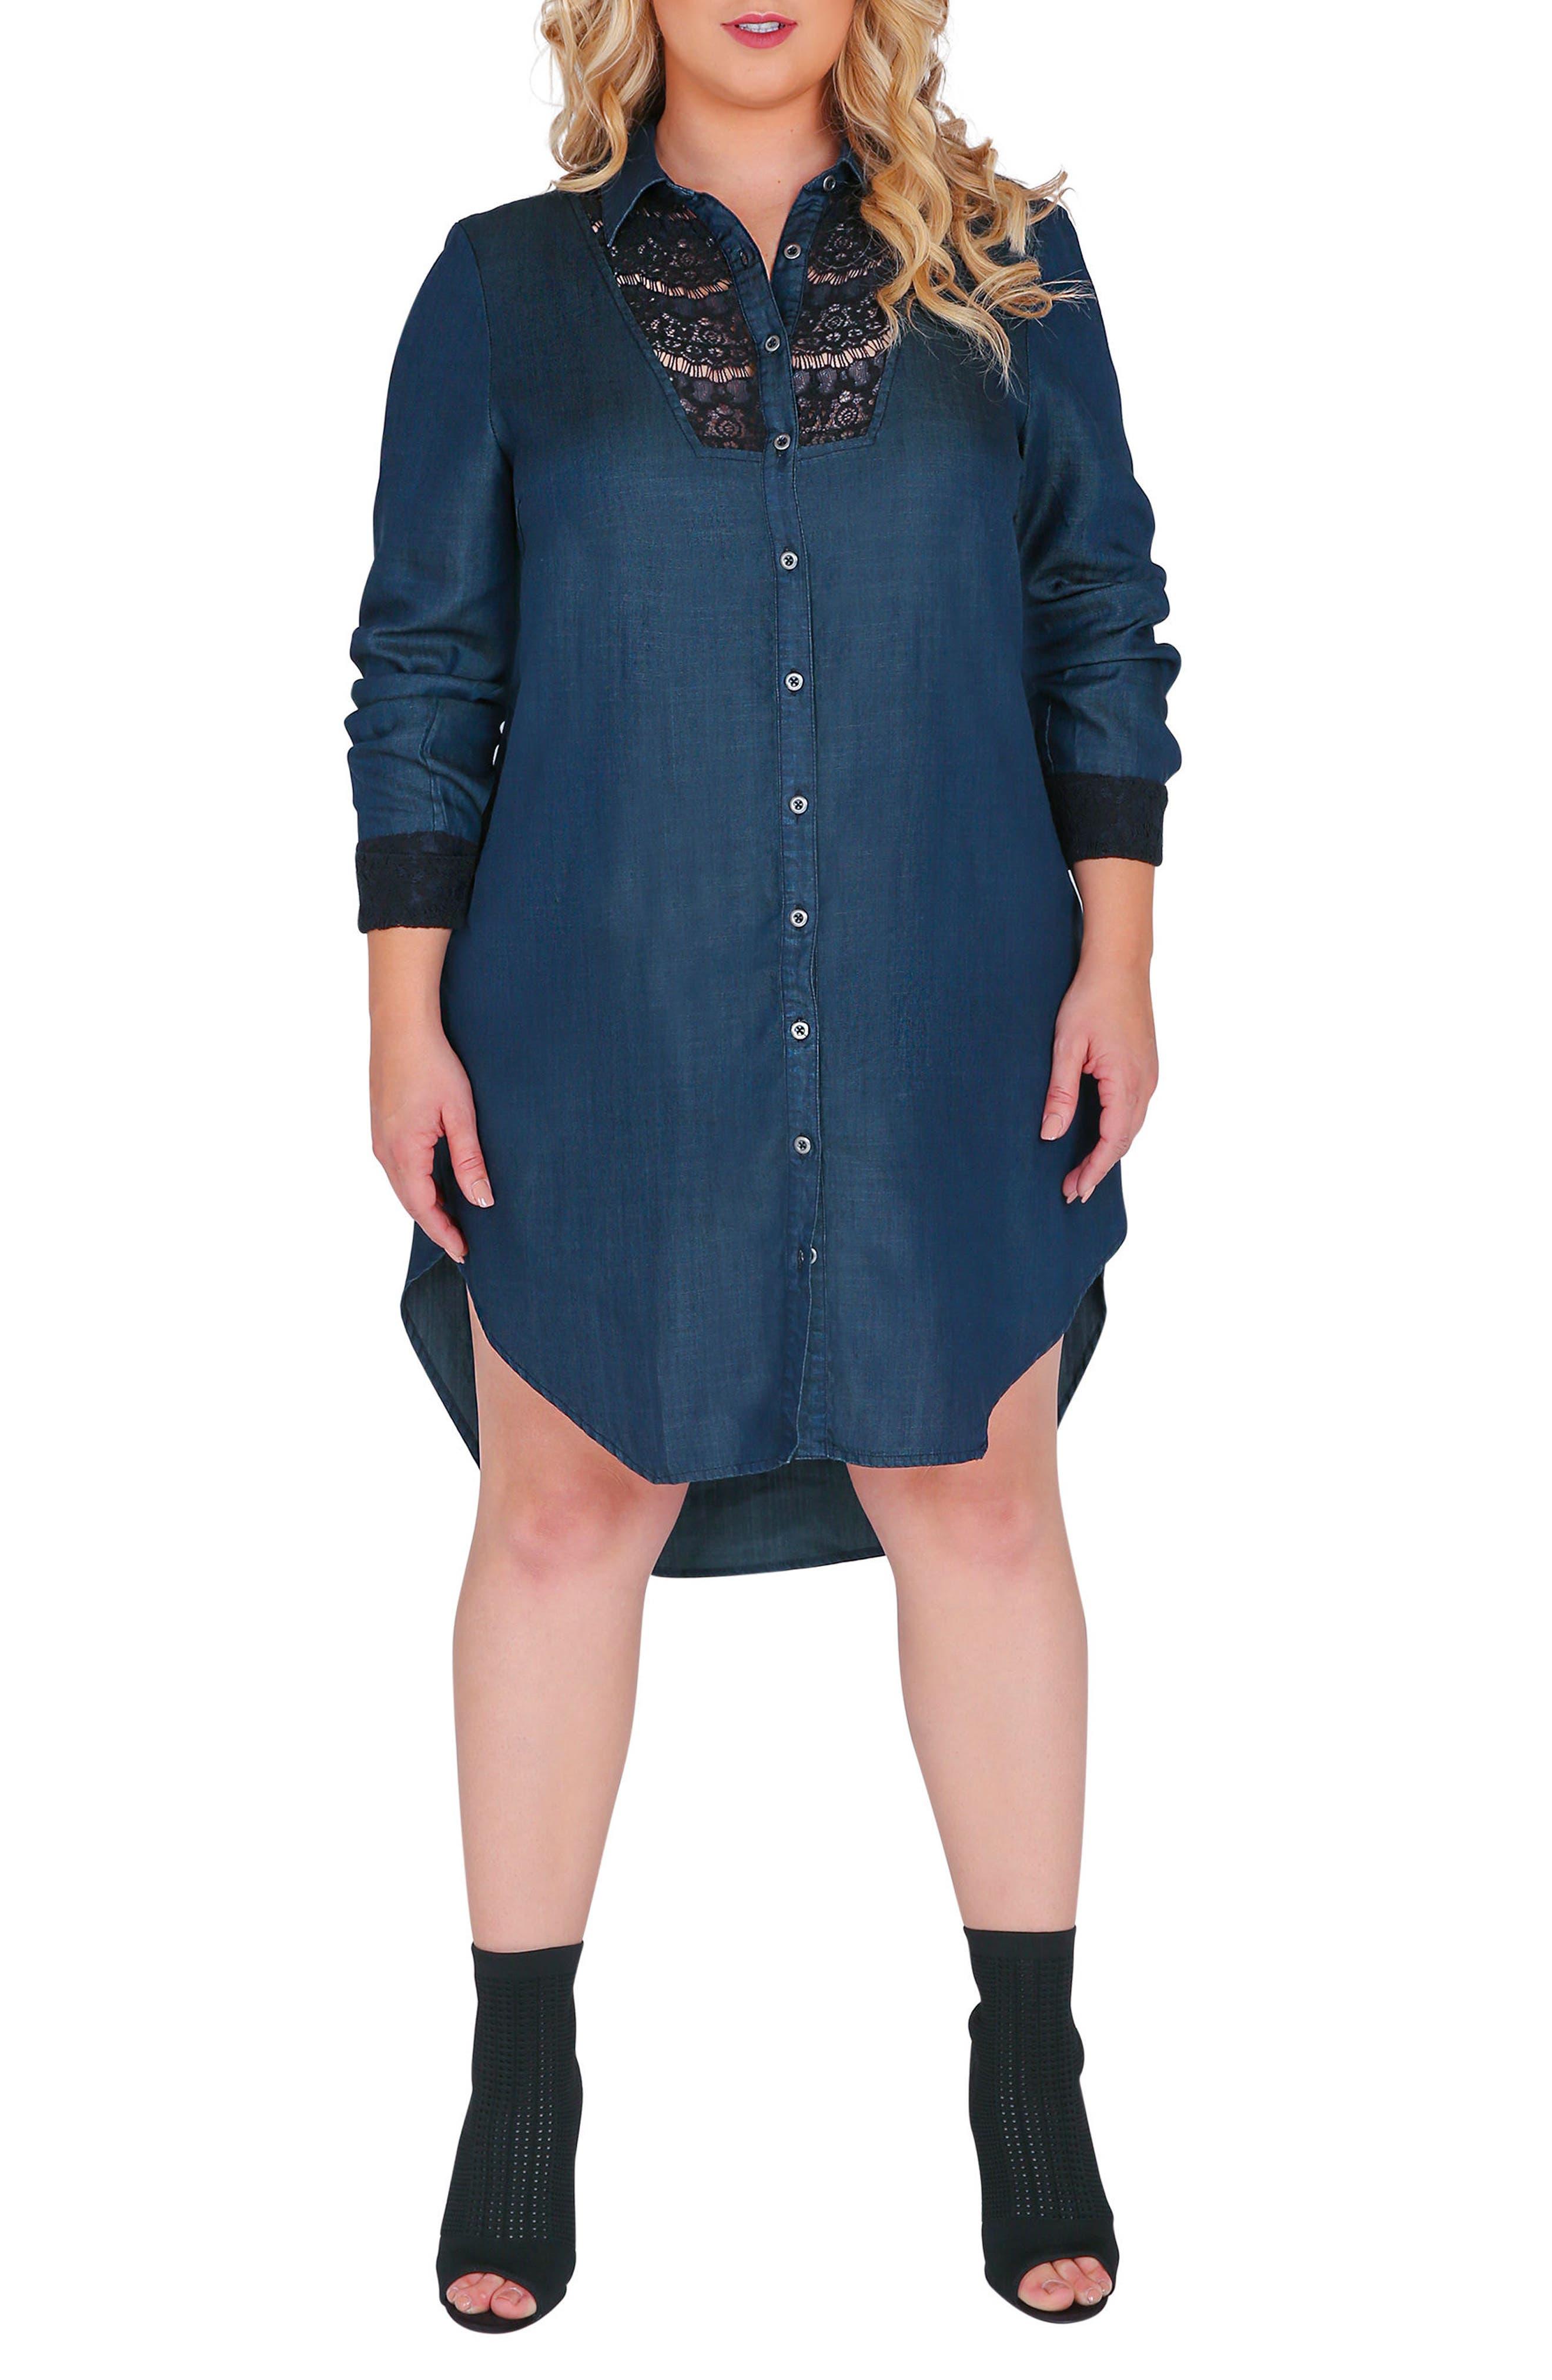 STANDARDS & PRACTICES,                             Felicity Lace Trim Denim Shirtdress,                             Main thumbnail 1, color,                             BLUE